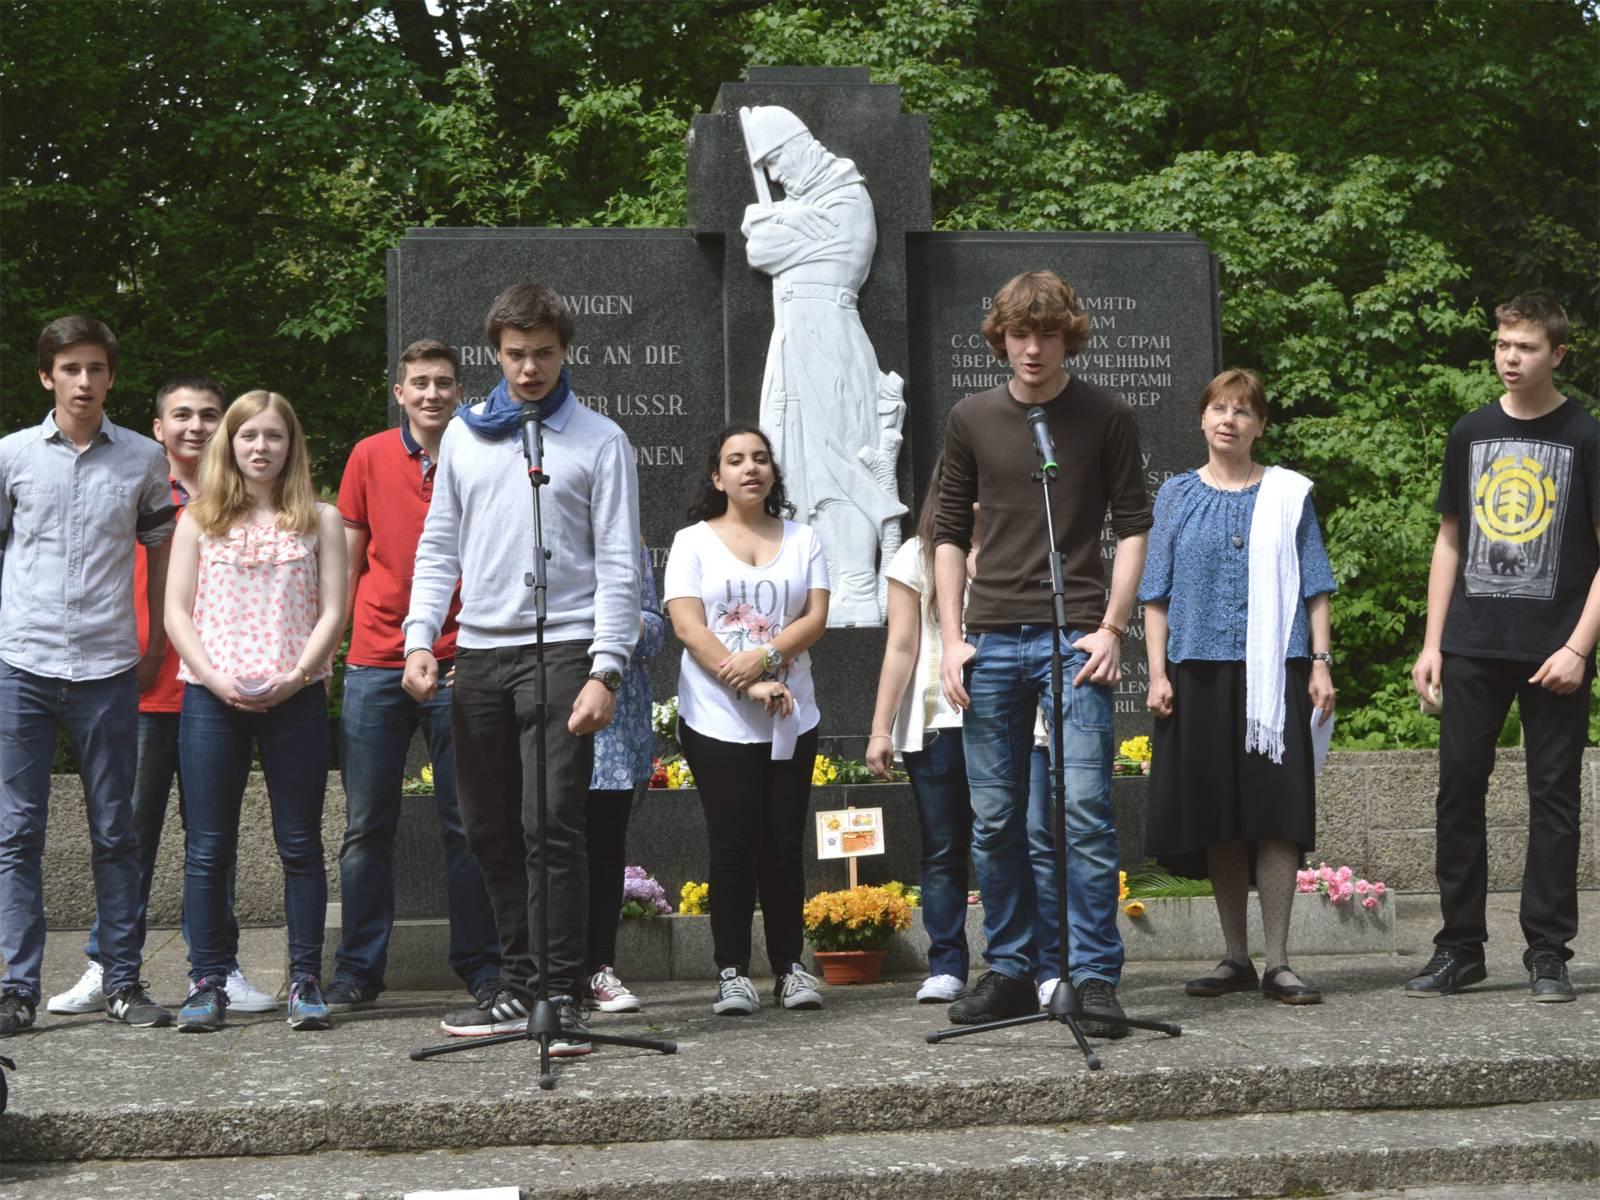 """Teilnehmer der Internationalen Jugendbegegnung """"Aus der Vergangenheit für die Zukunft. Jugend bewegt Europa"""" am 8. Mai 2015"""